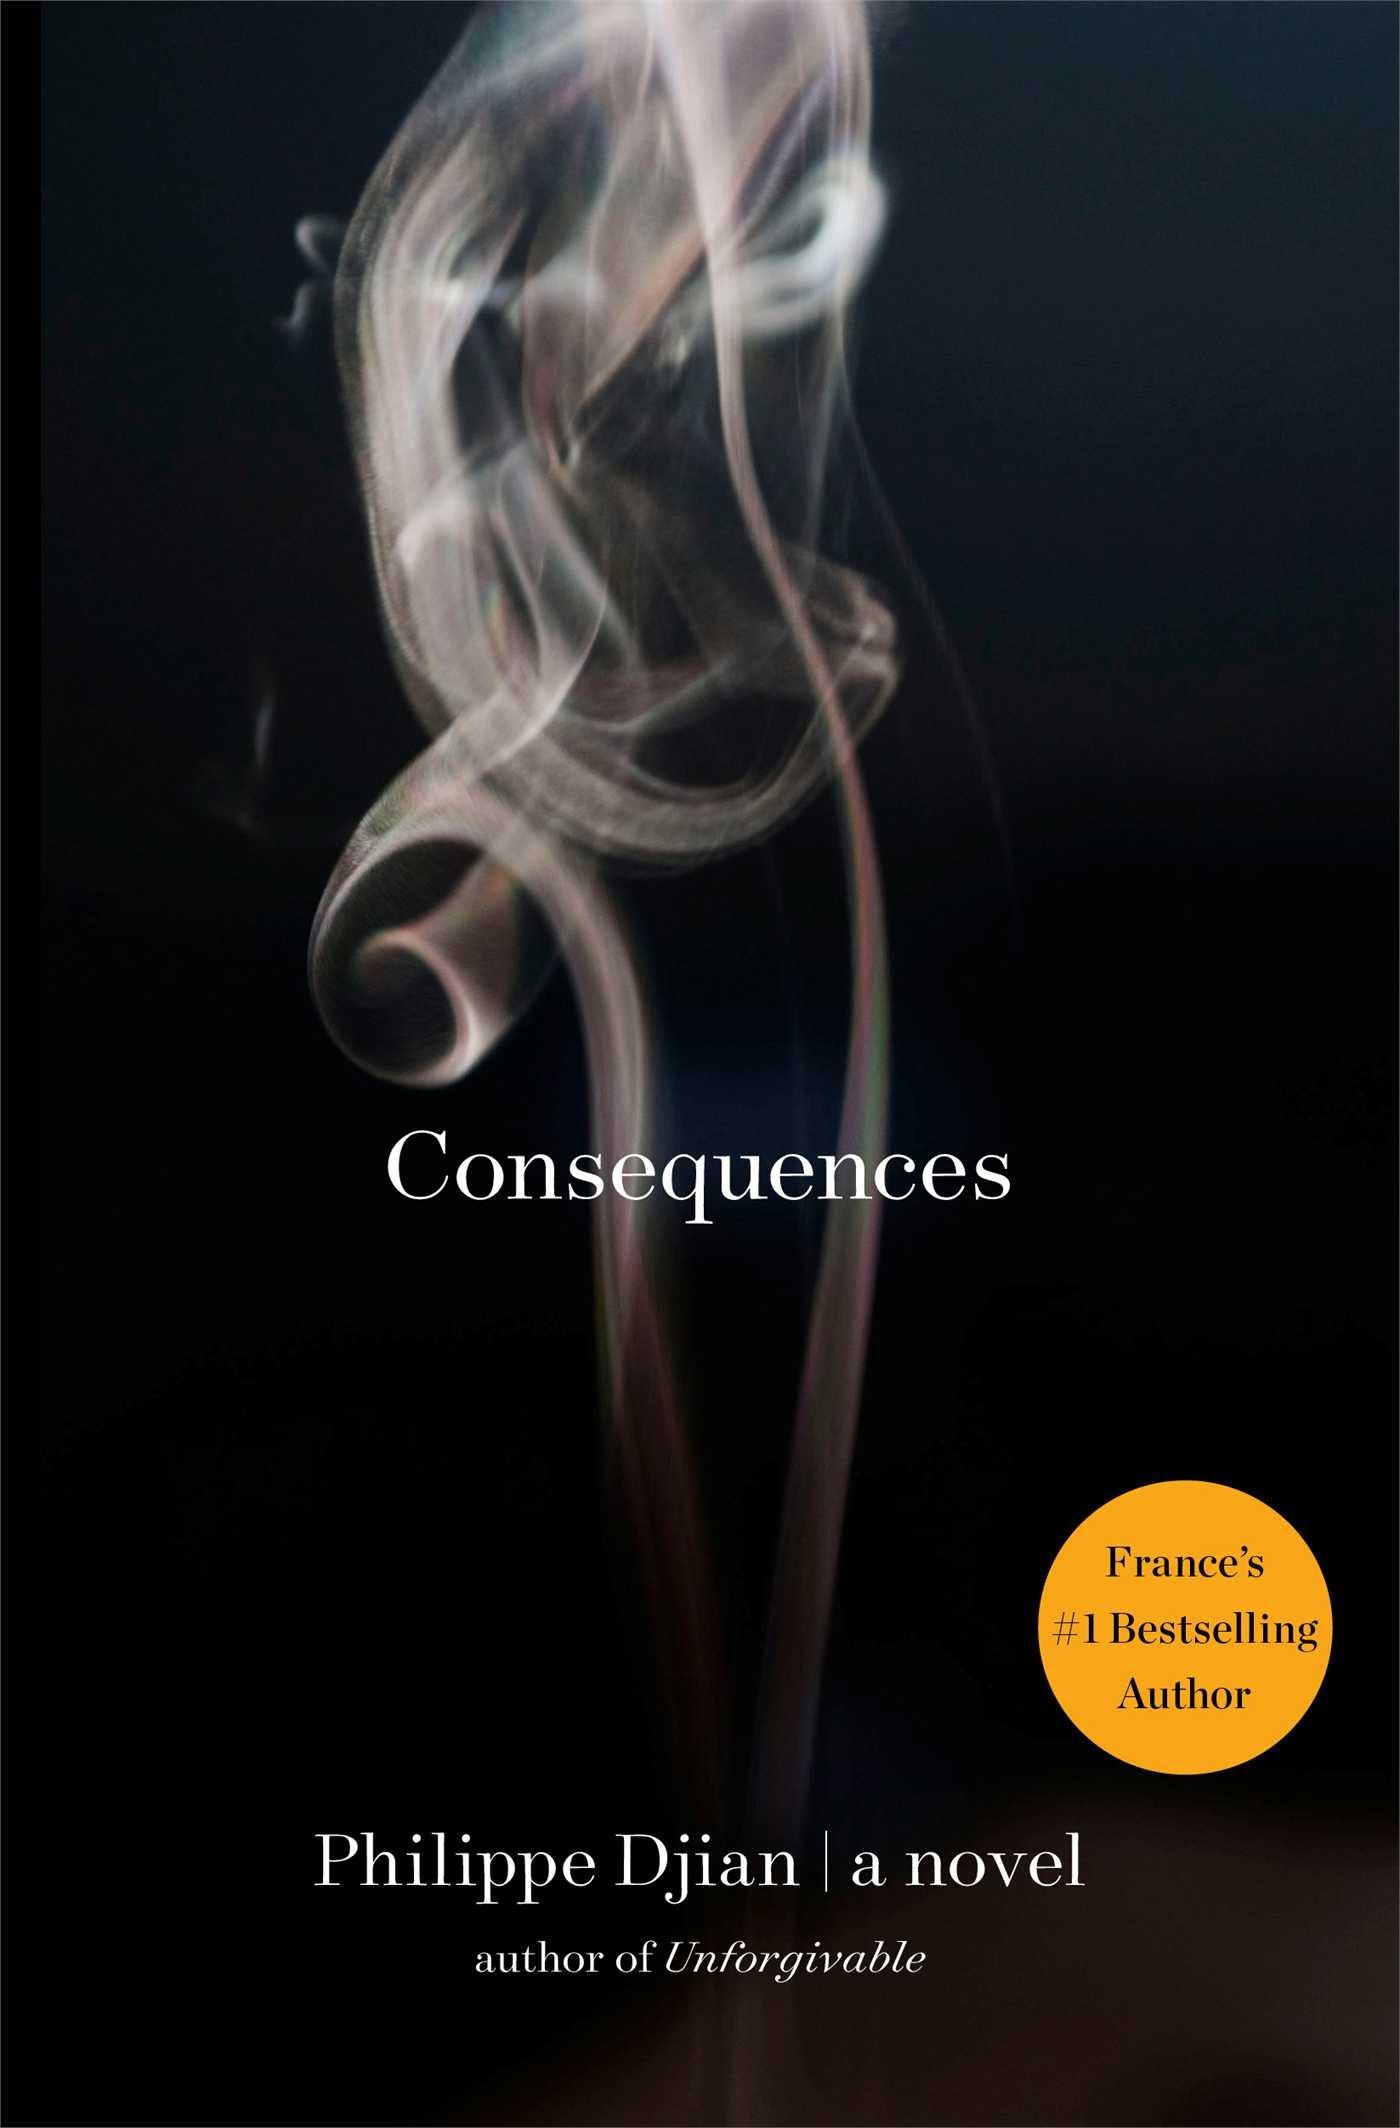 com consequences a novel philippe djian com consequences a novel 9781451607598 philippe djian bruce benderson books